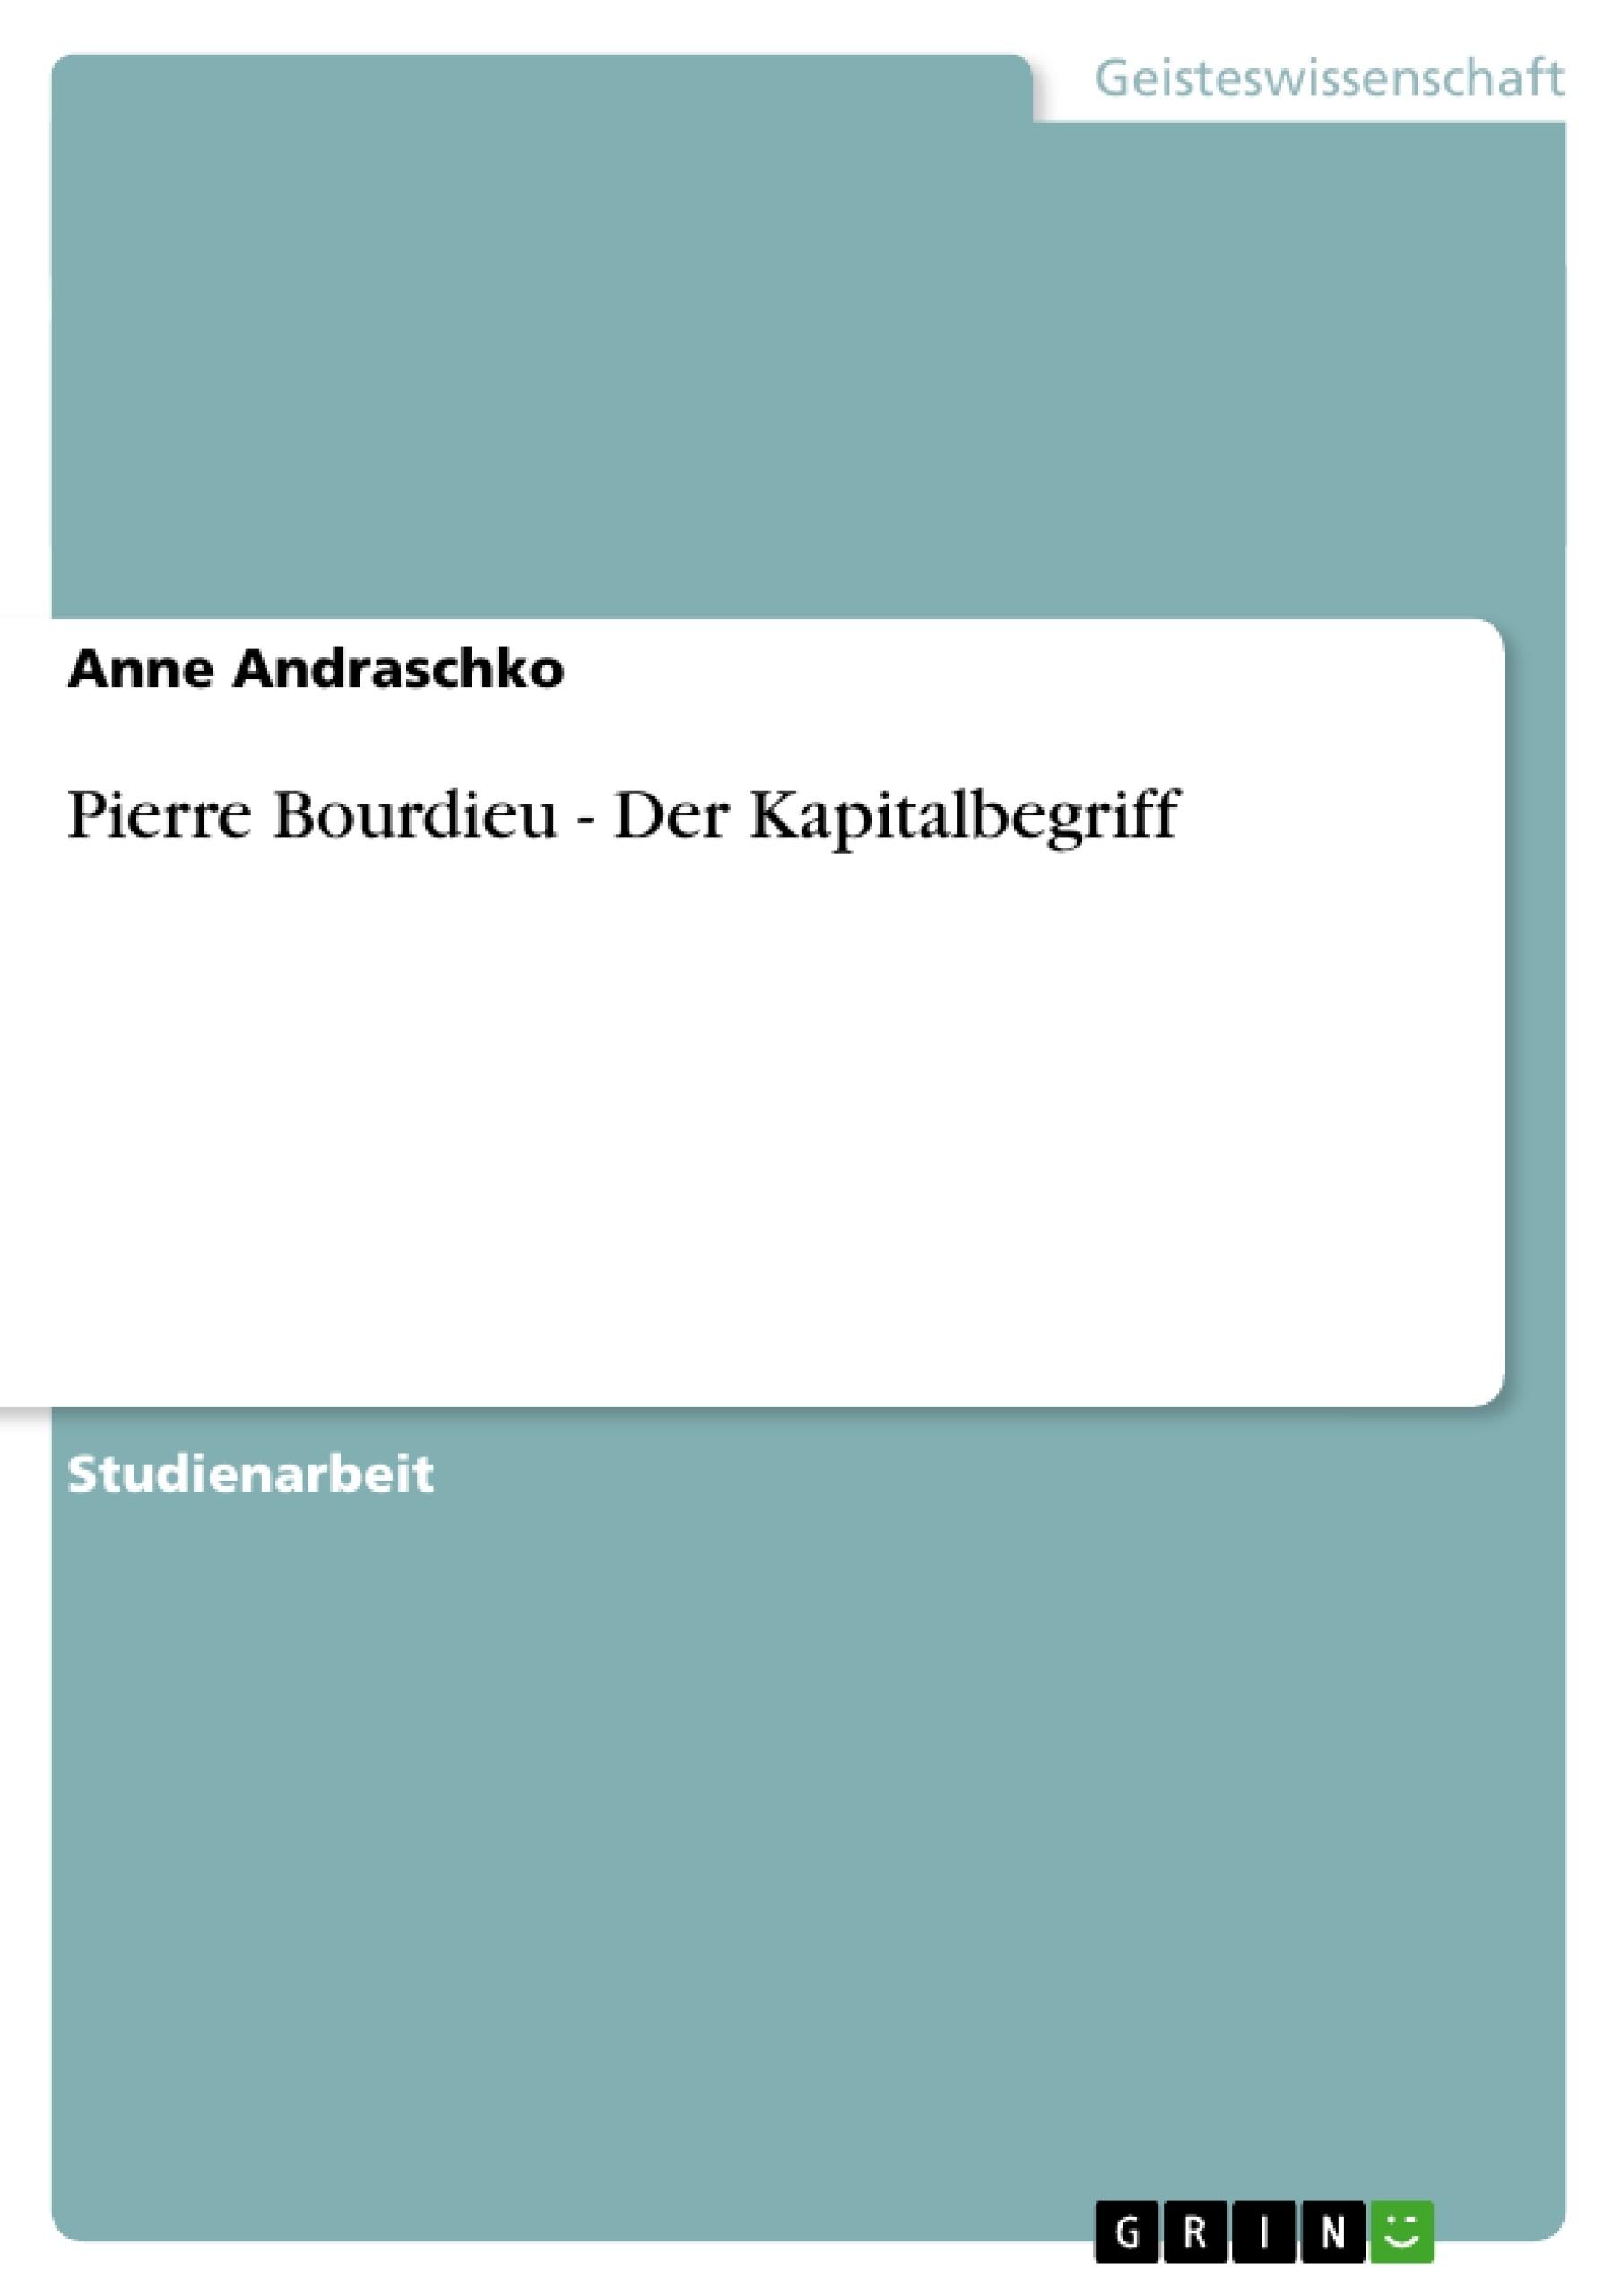 Titel: Pierre Bourdieu - Der Kapitalbegriff